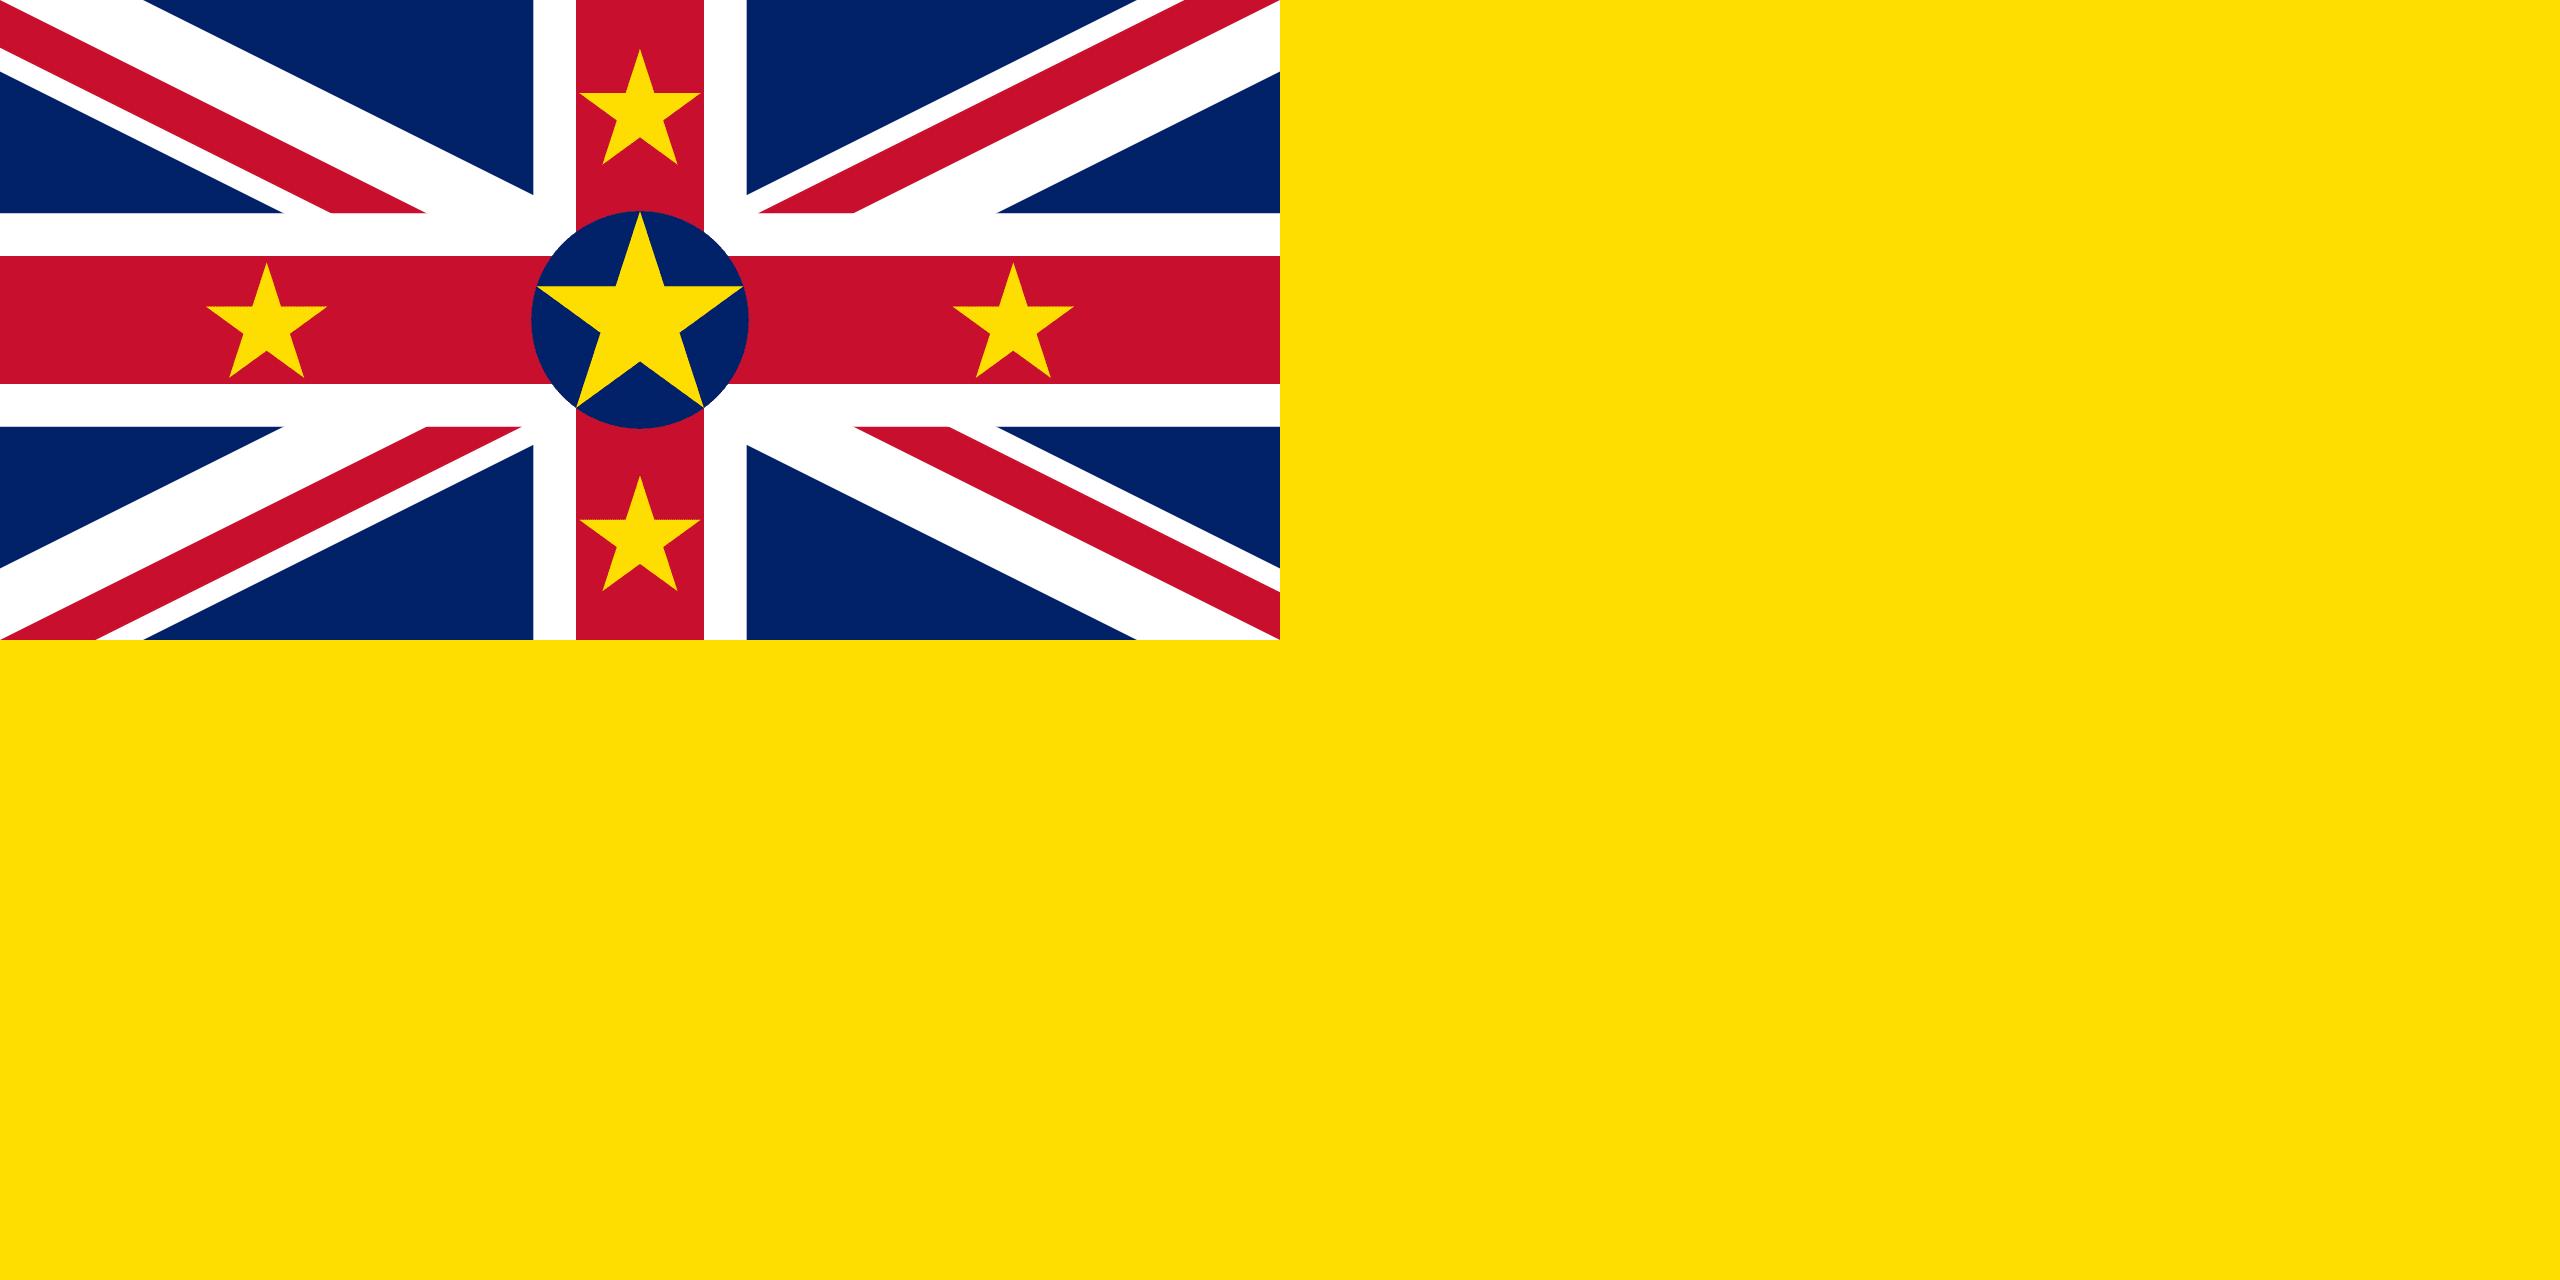 Niue'nin Başkenti ve Para Birimi Nedir? Niue'nin Bayrağı Nasıldır?